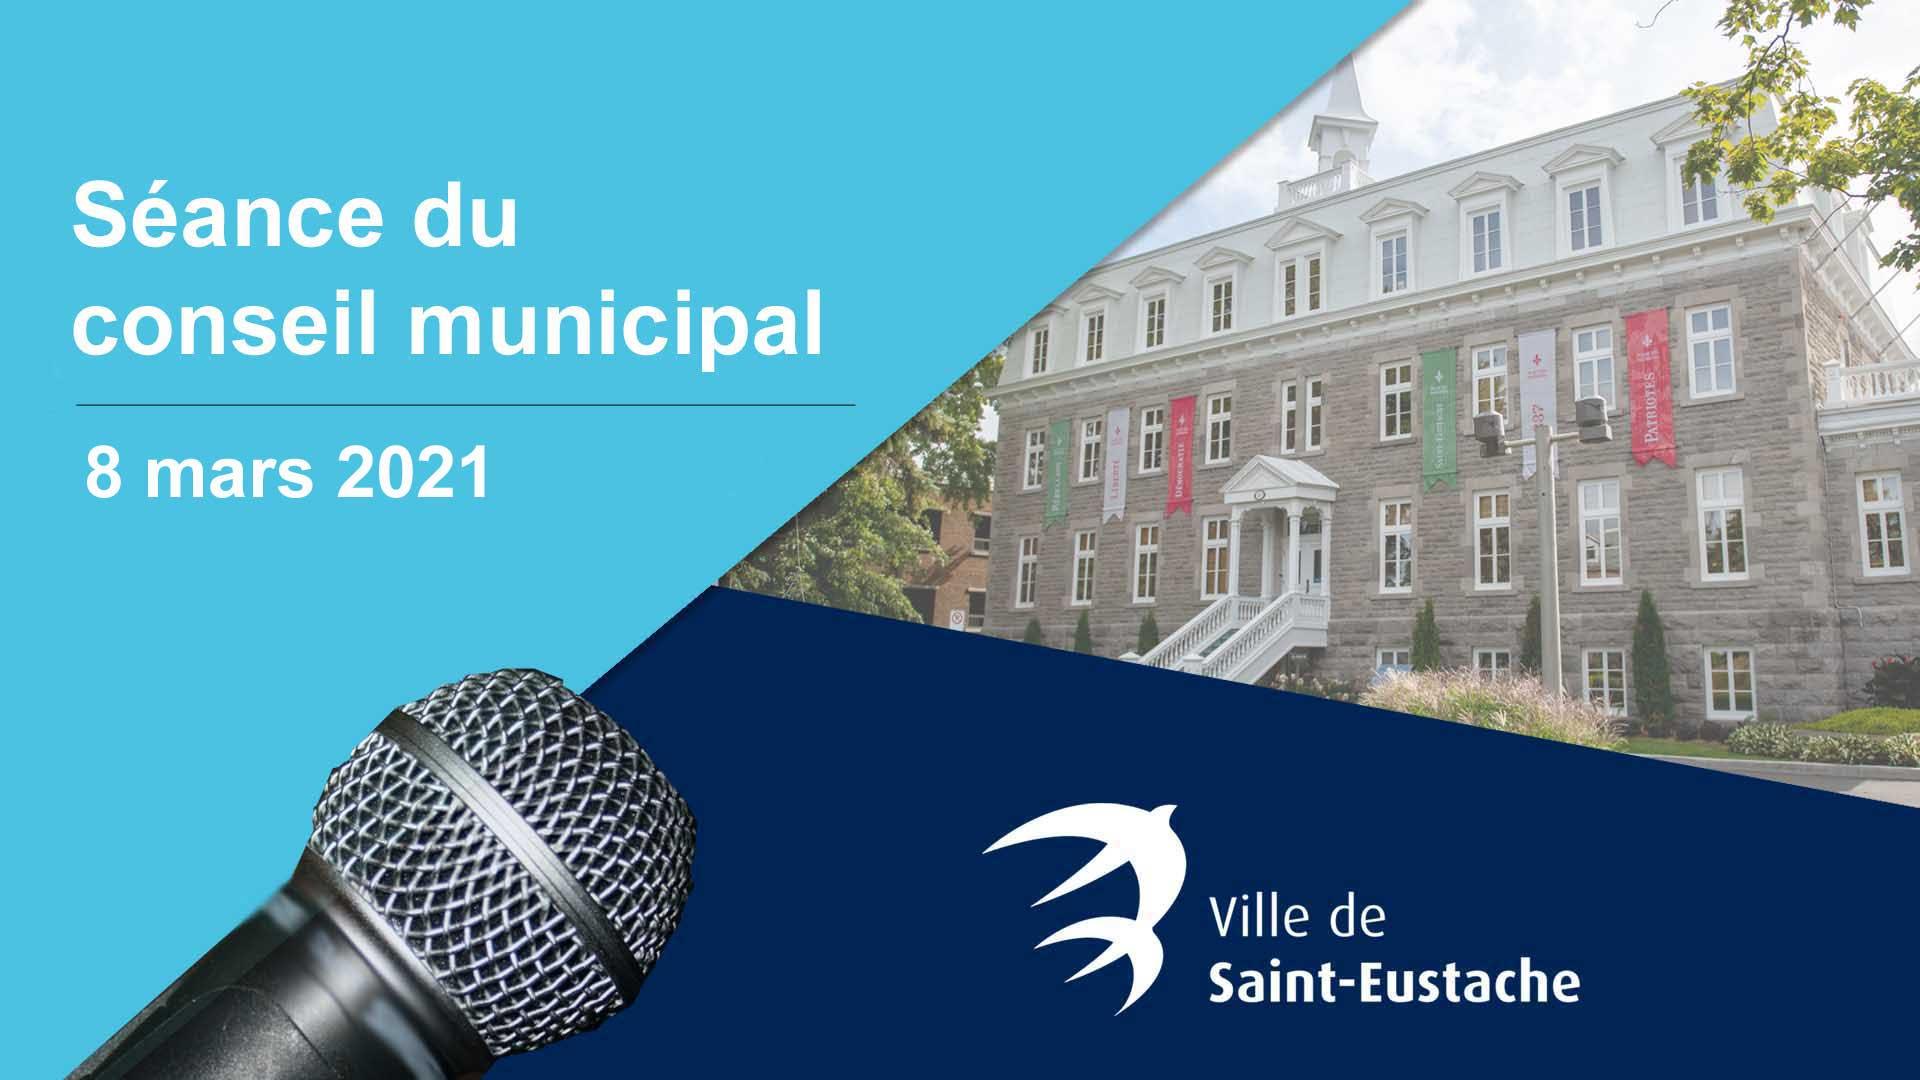 Ville de saint-Eustache - Séance ordinaire du conseil municipal à huis clos le 8 mars 2021